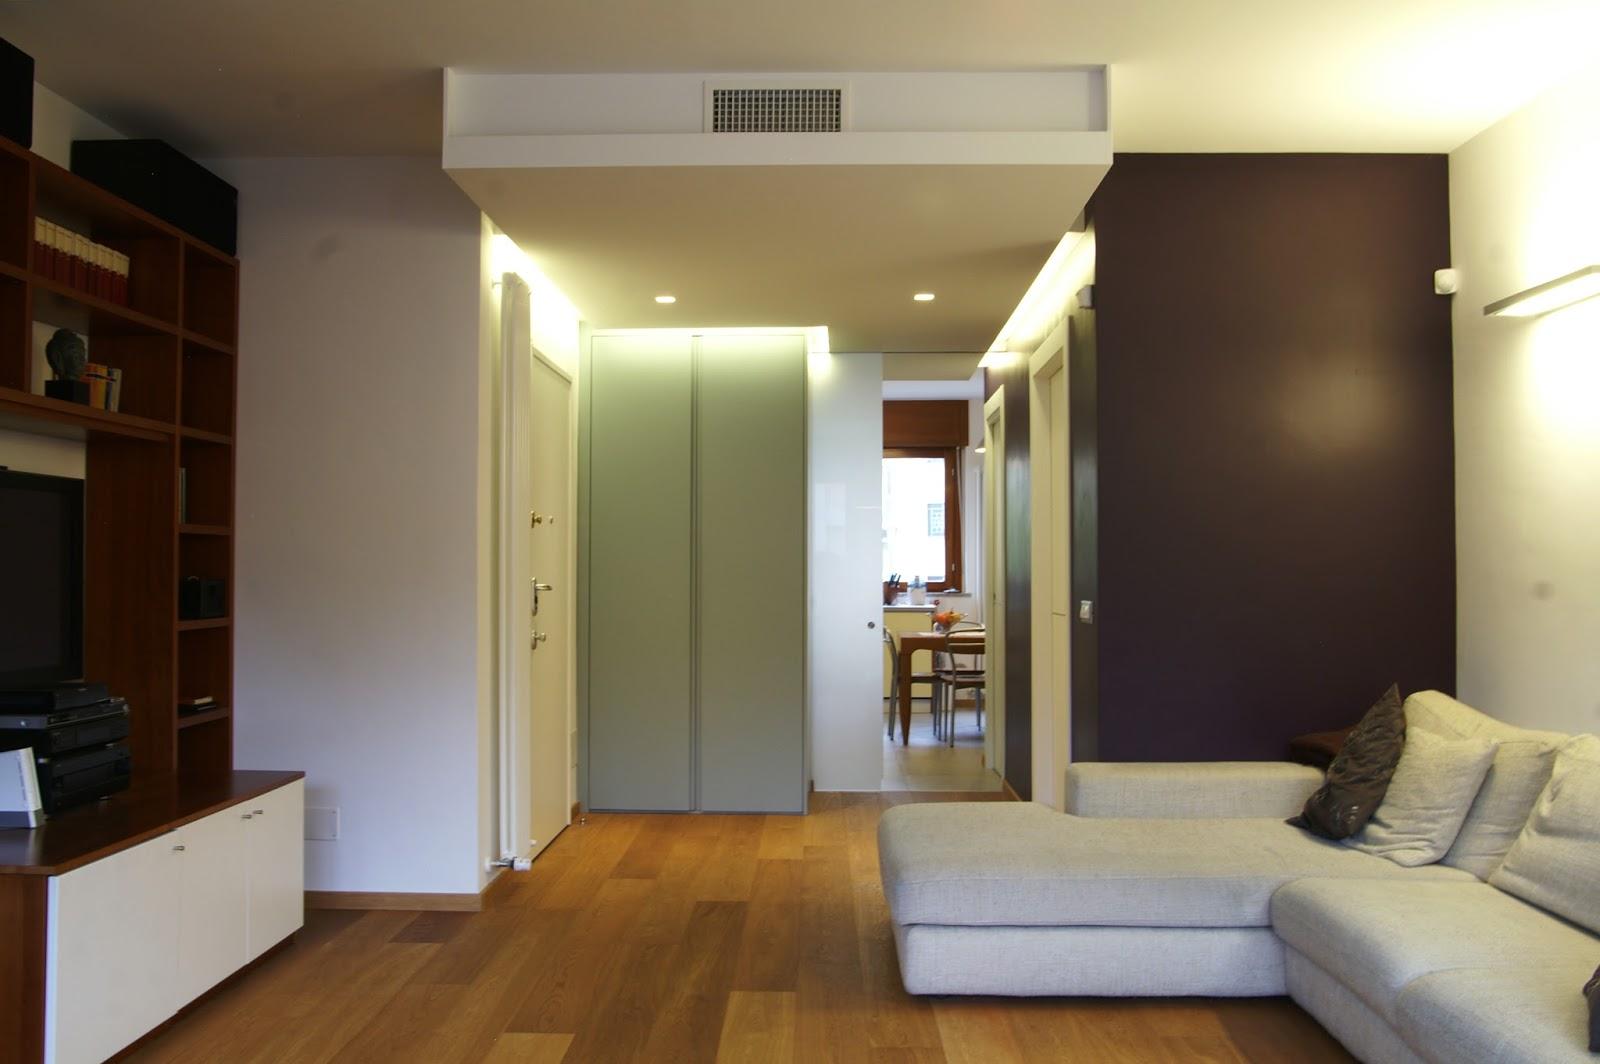 Illuminazione Led Casa Esterno : Illuminazione facciata casa foto interni di immobili per